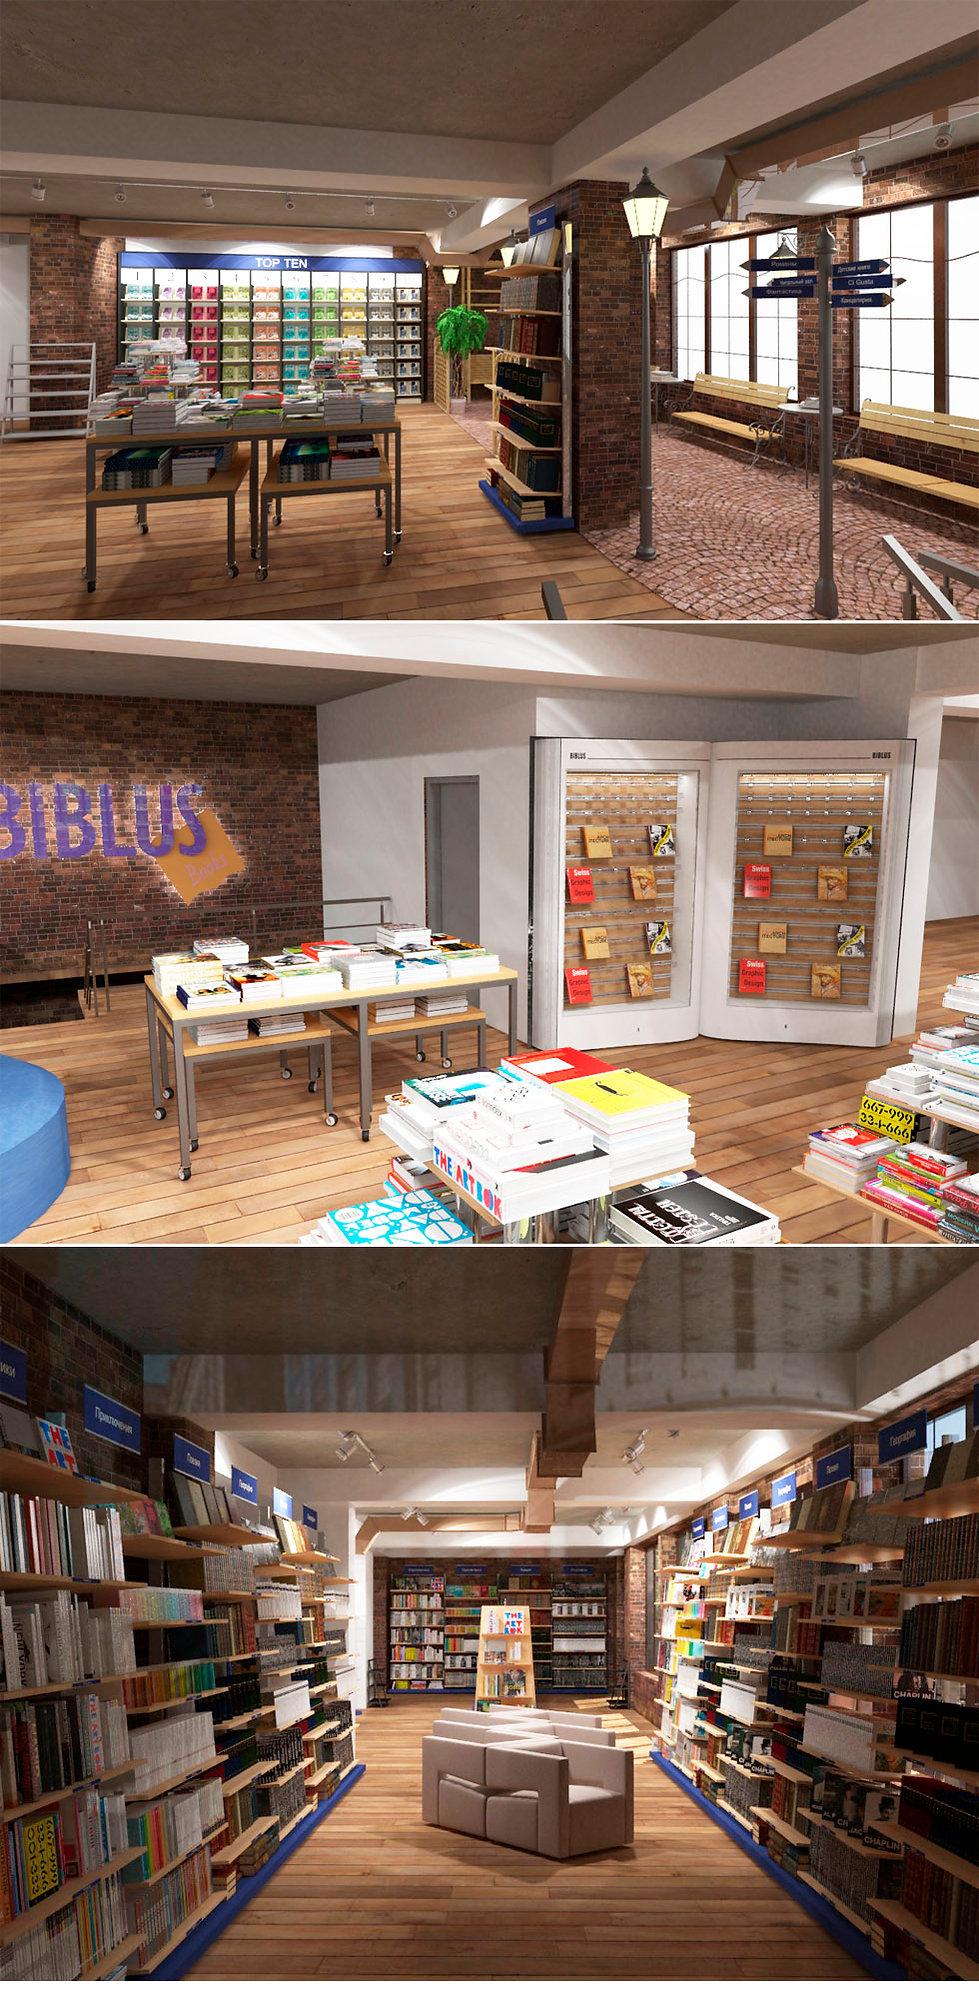 ბიბლუსი მაღაზიის დიზაინი და პროექტირება